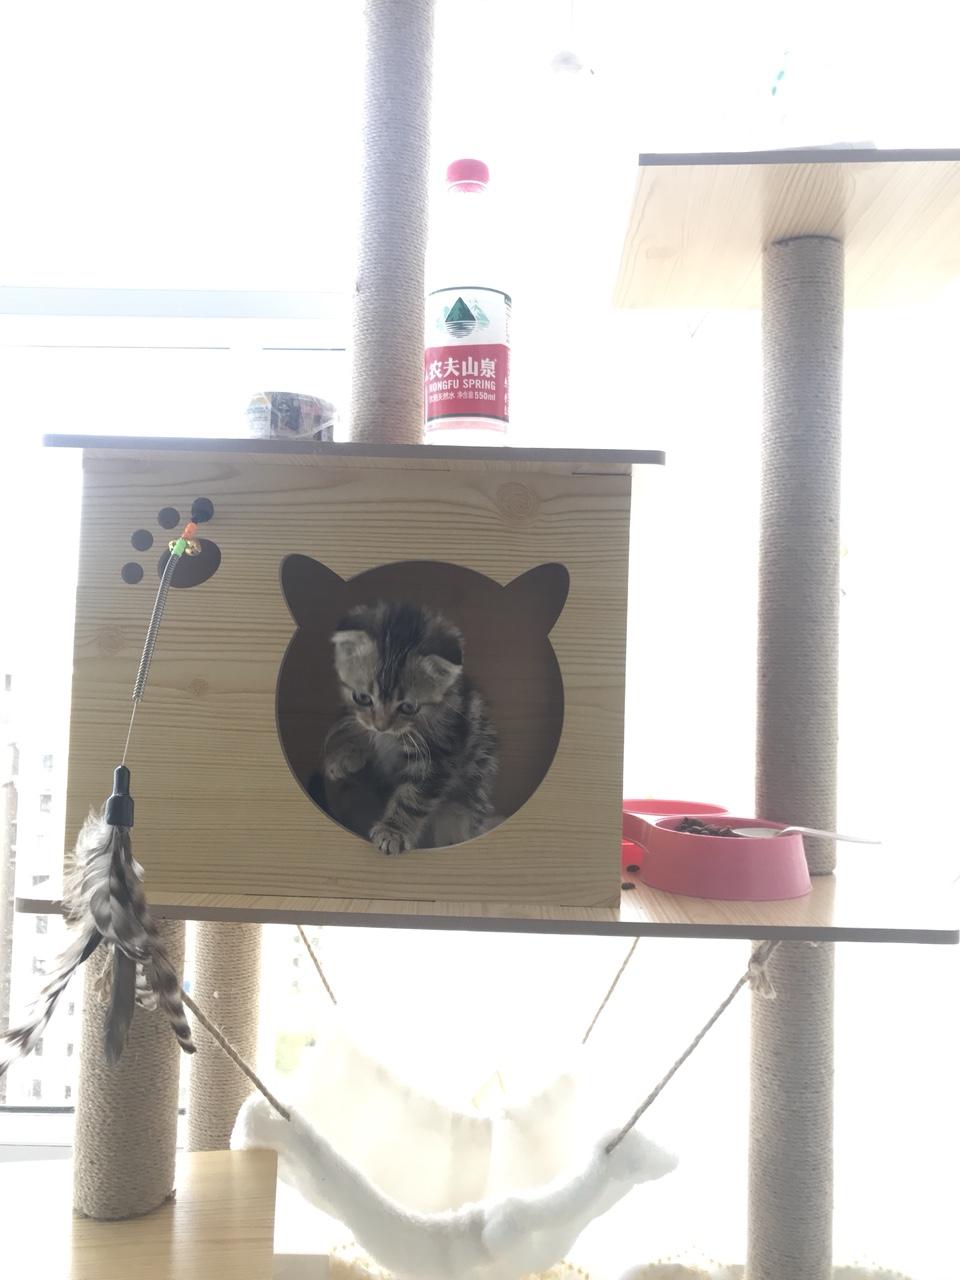 四個月美短棕虎斑出售,因本人嚴重過敏